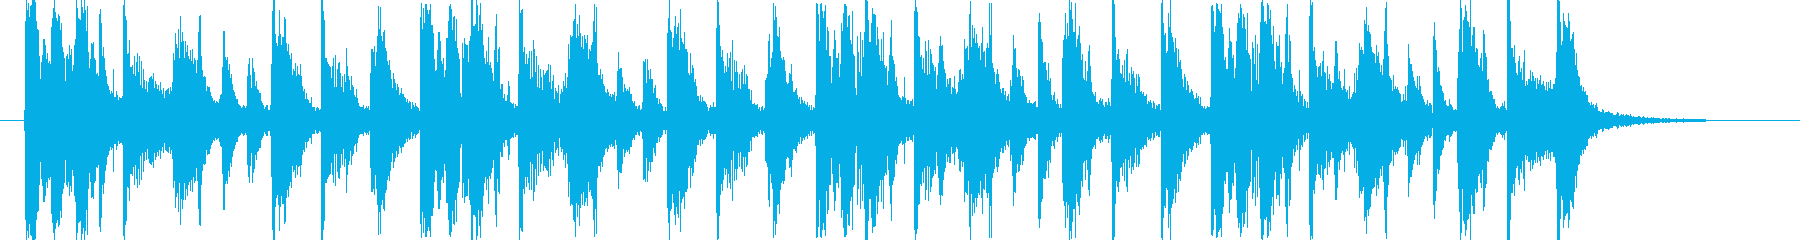 ミステリアスポップジングル/ハロウィンの再生済みの波形